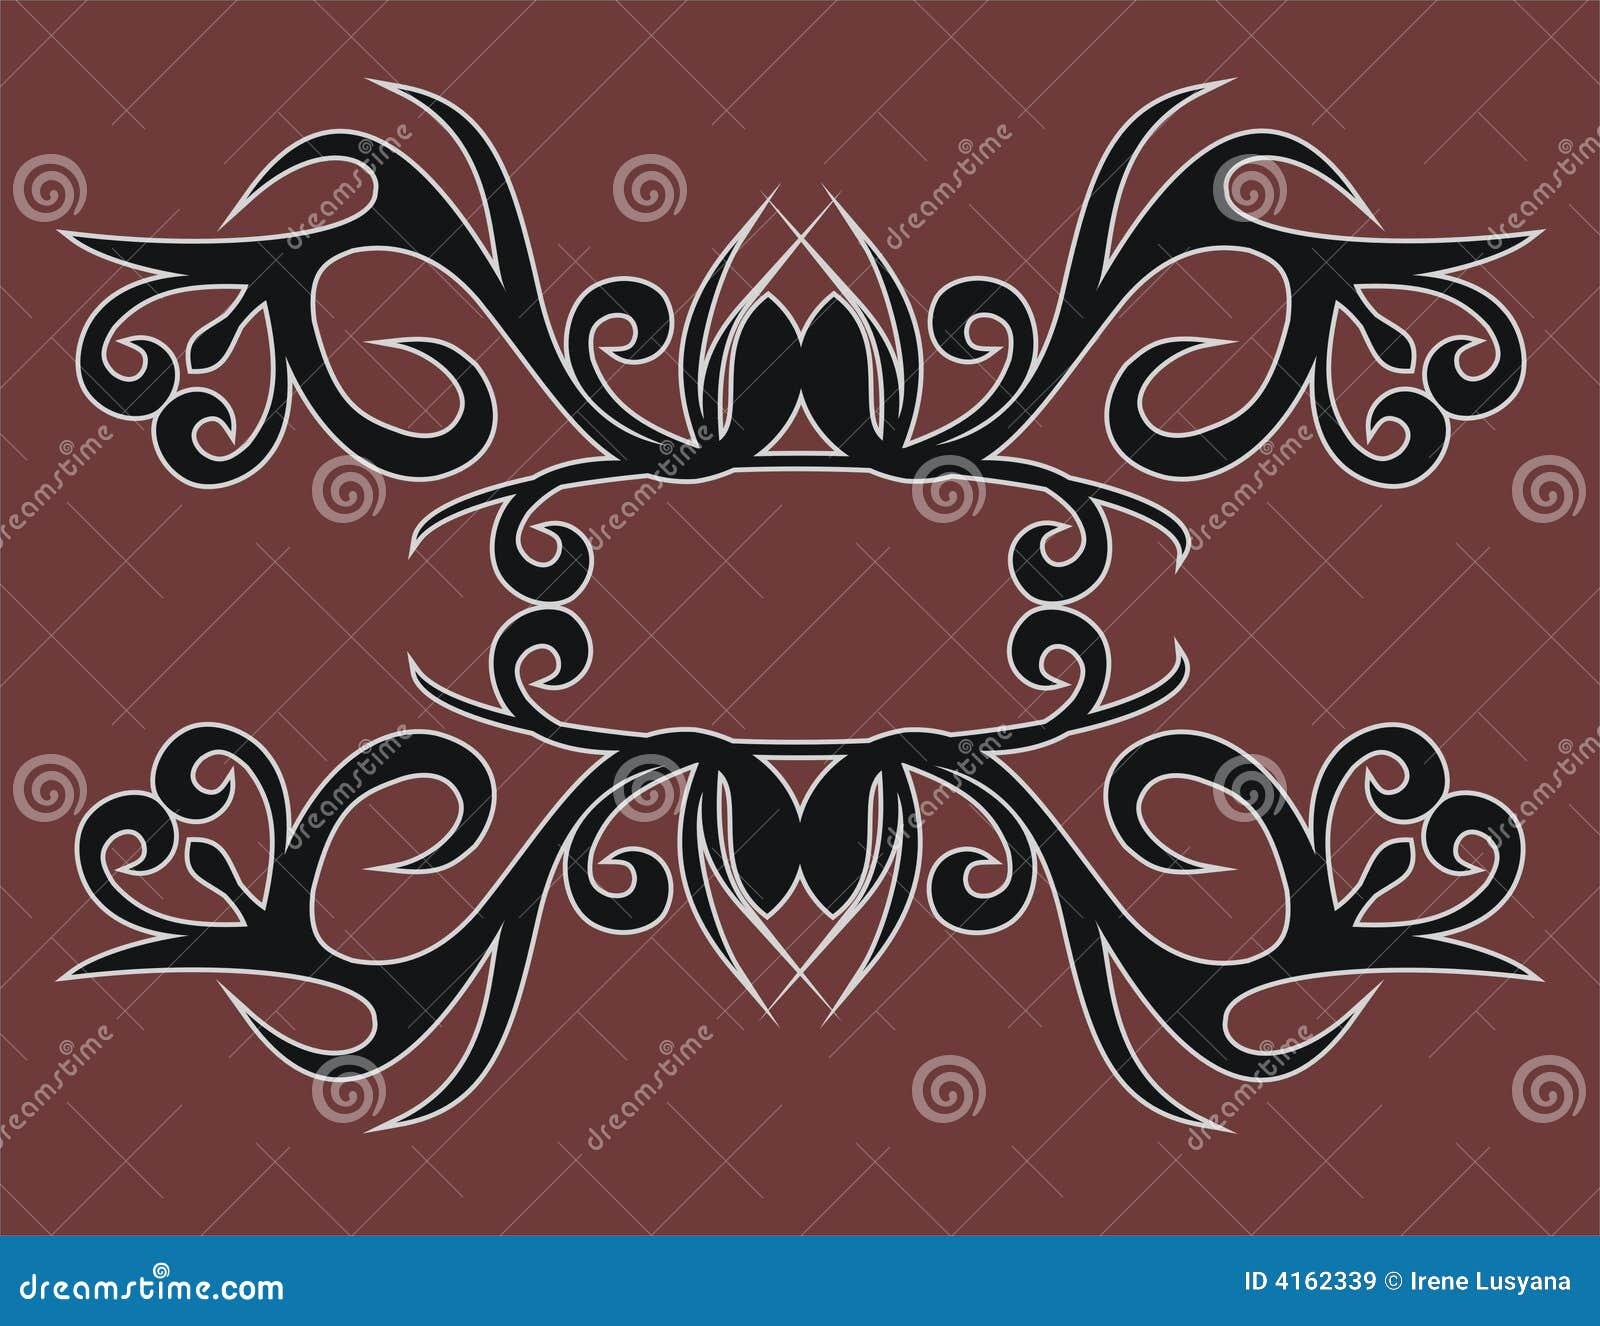 Dayak Tribe Motif Royalty Free Stock Images Image 4162339